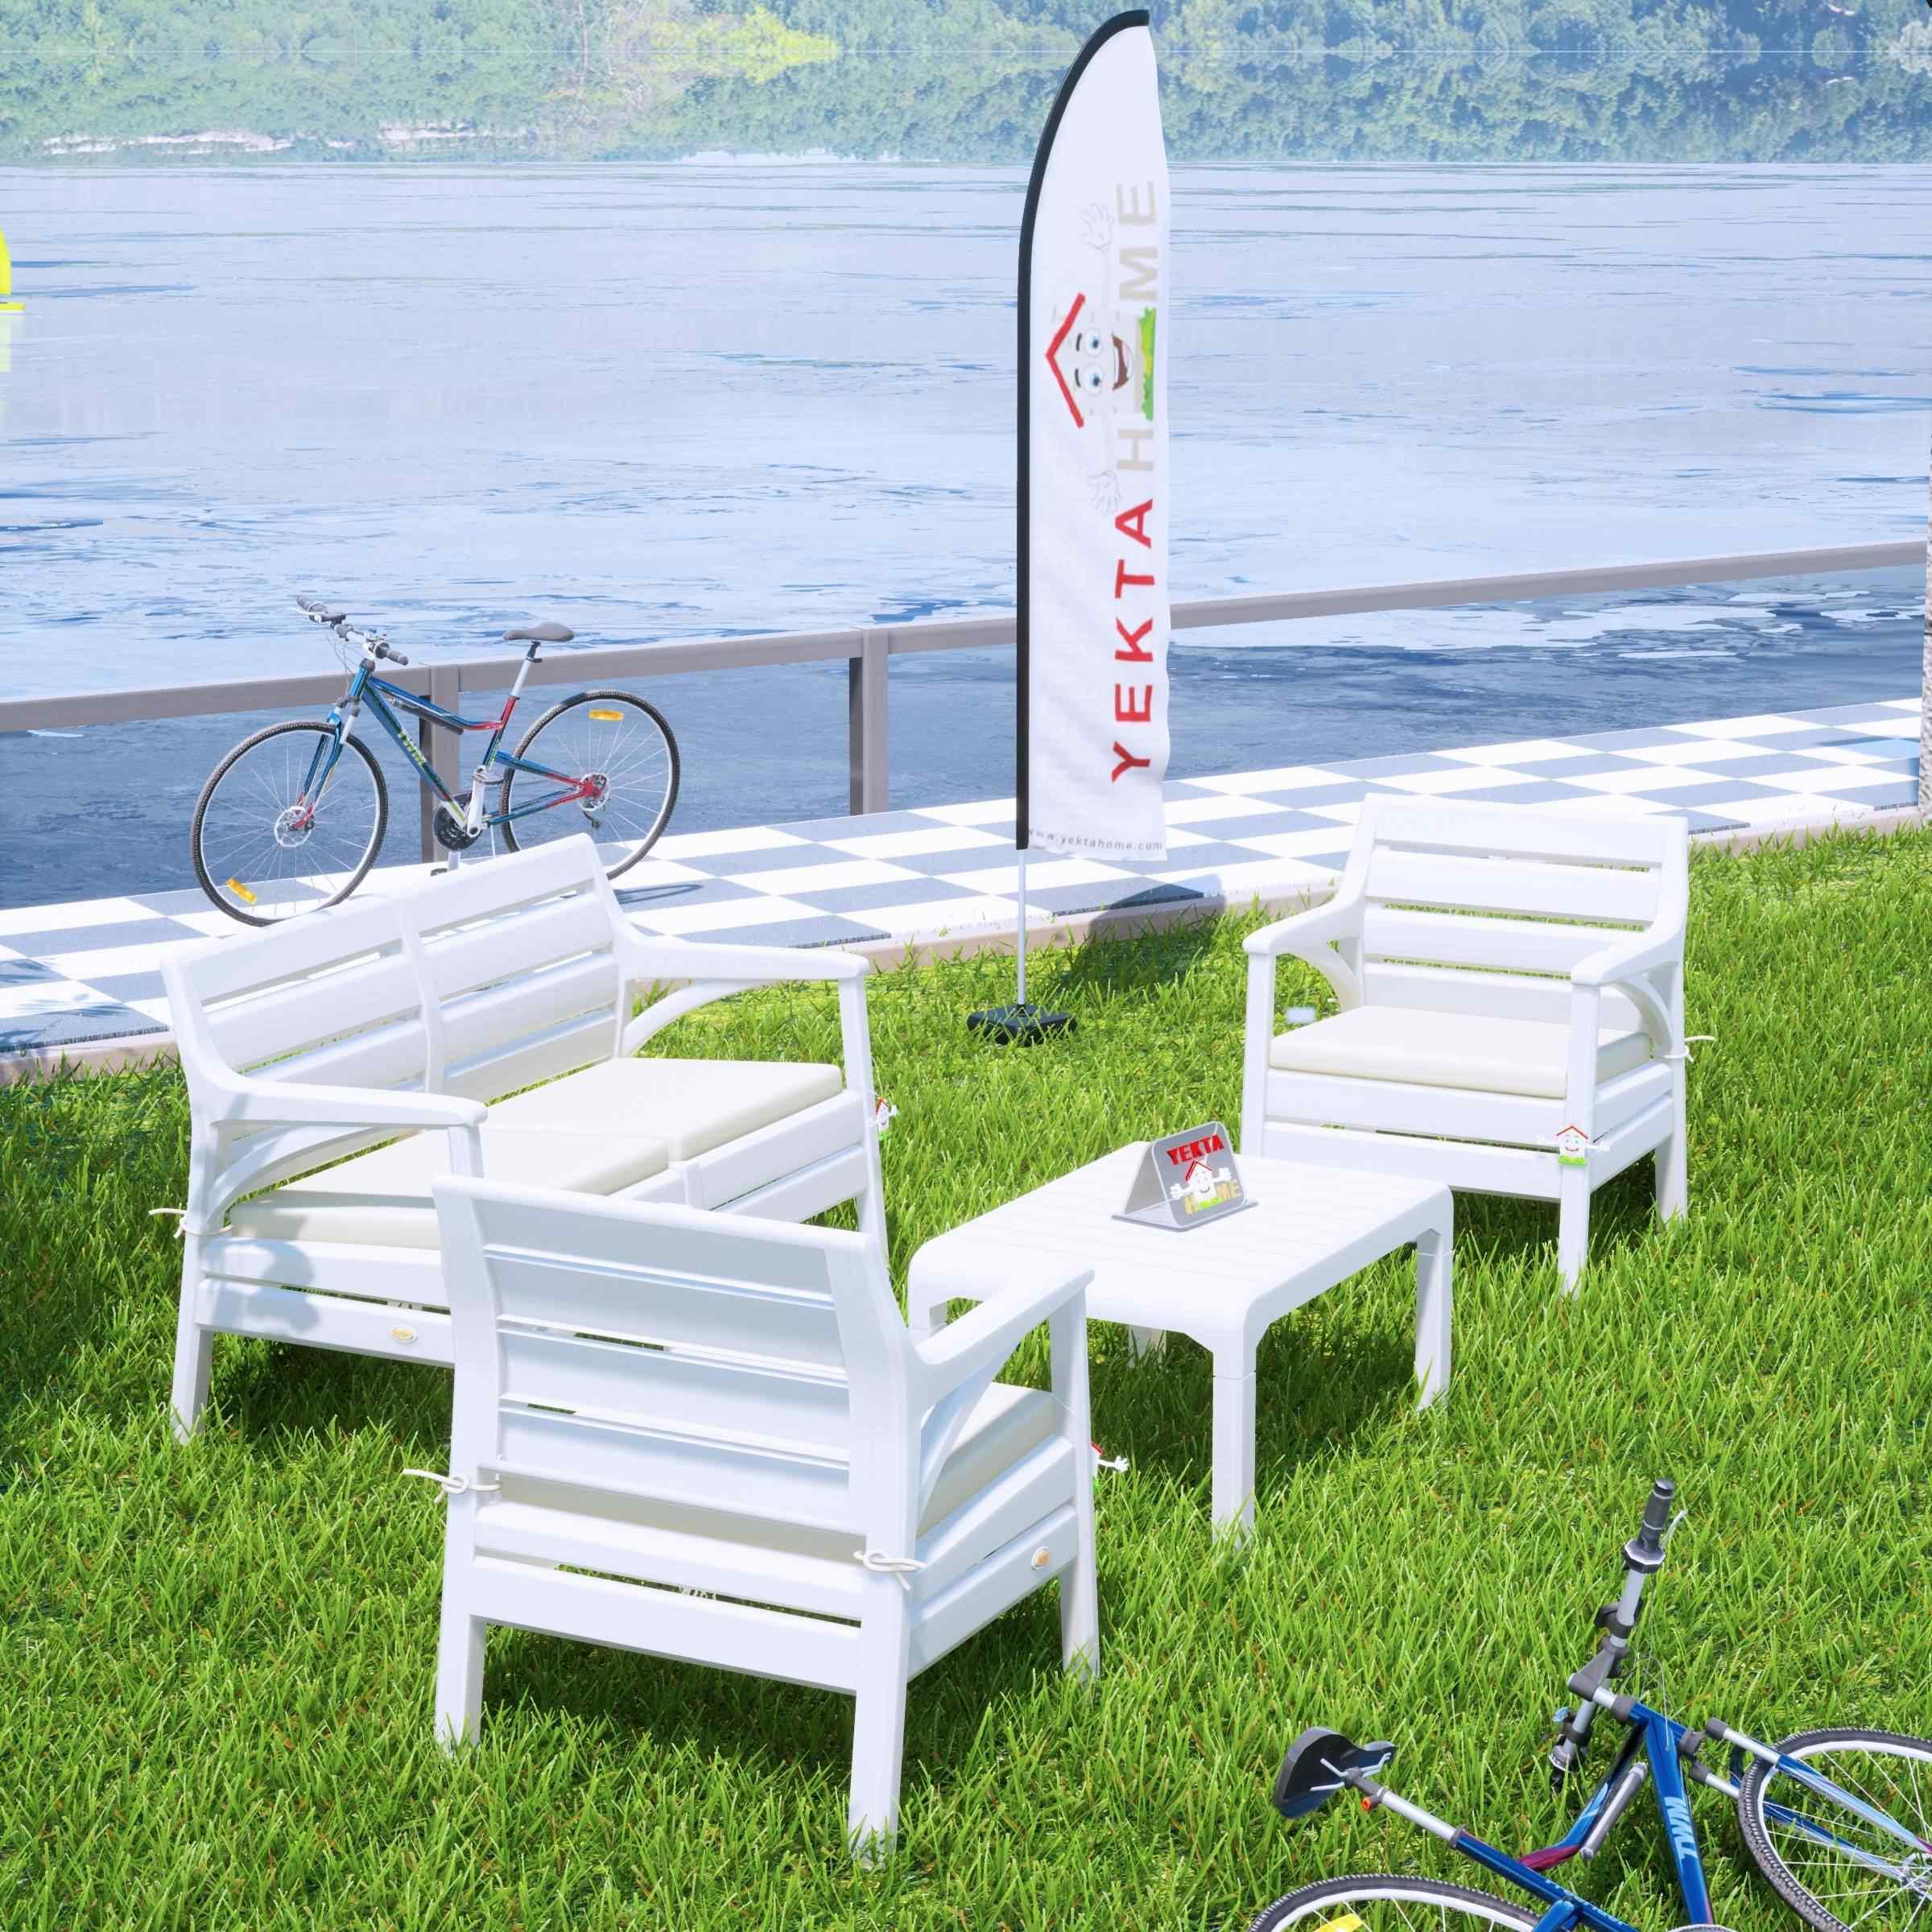 Holiday Miami Bahçe Takımı Balkon Seti Bahçe Mobilyası Beyaz